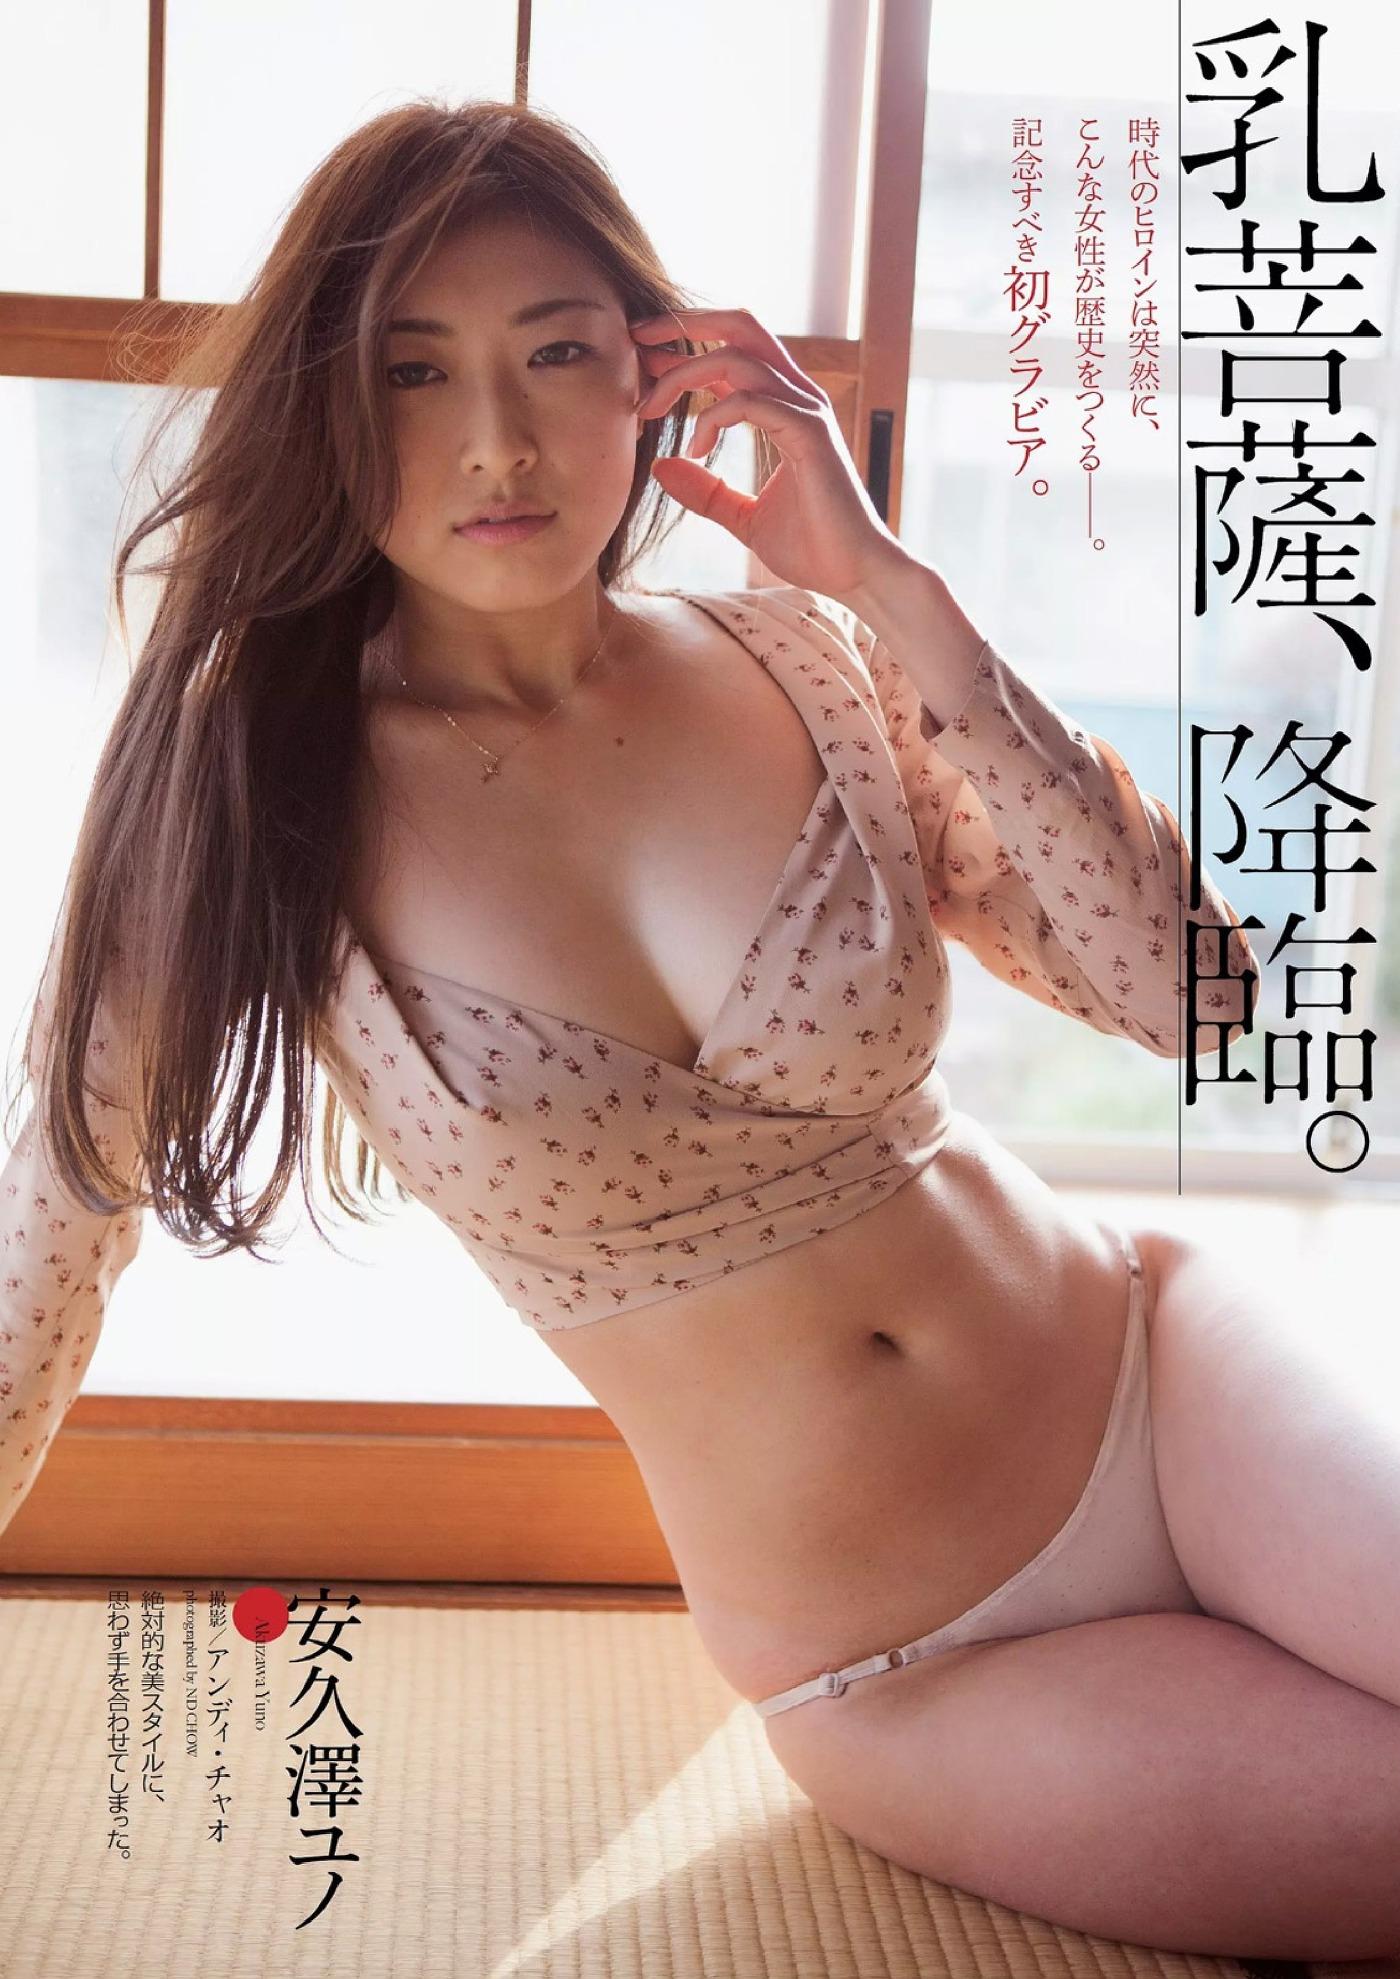 [巨乳]「4 江口亜衣子」(江口亜衣子)